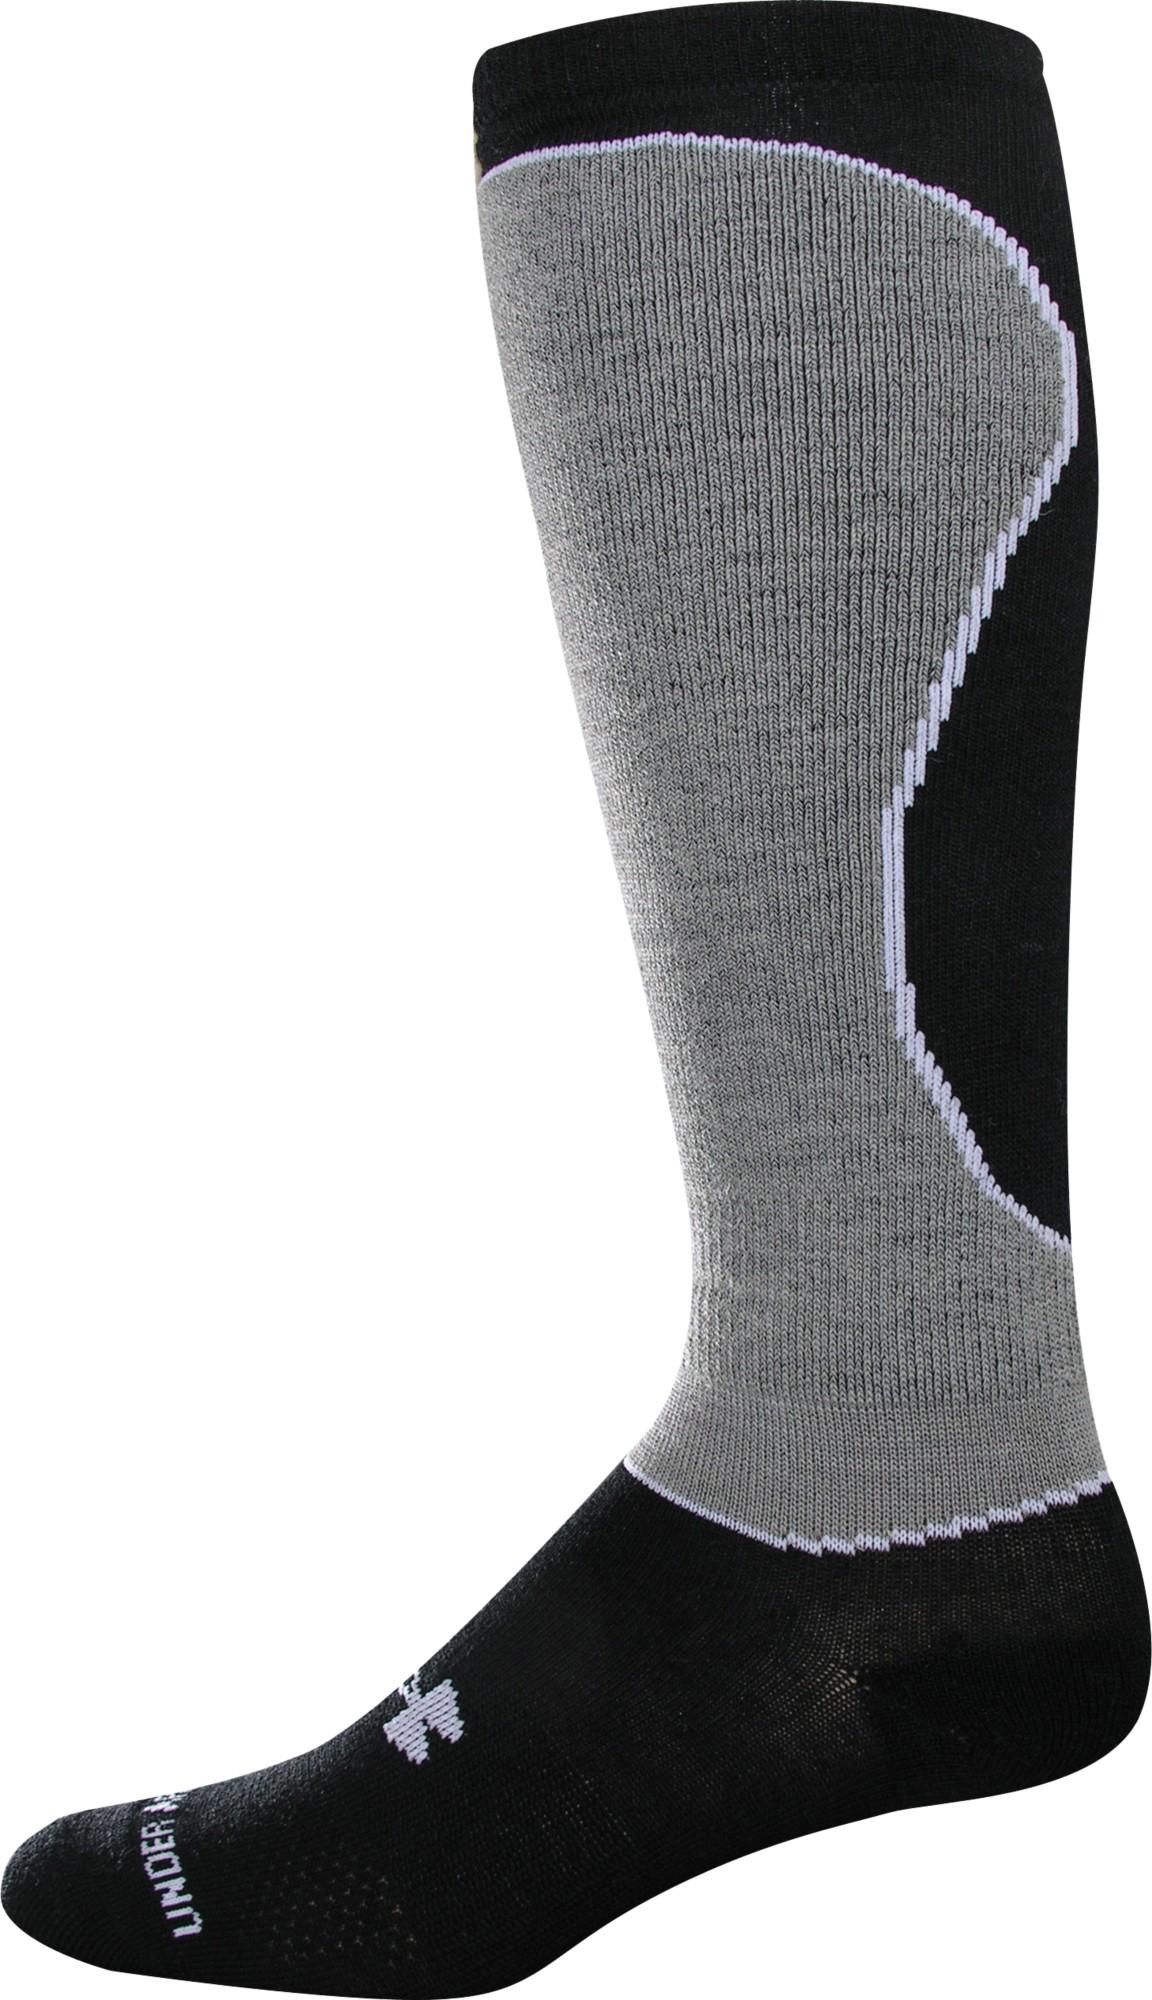 Under Armour Rollin Ski Sock